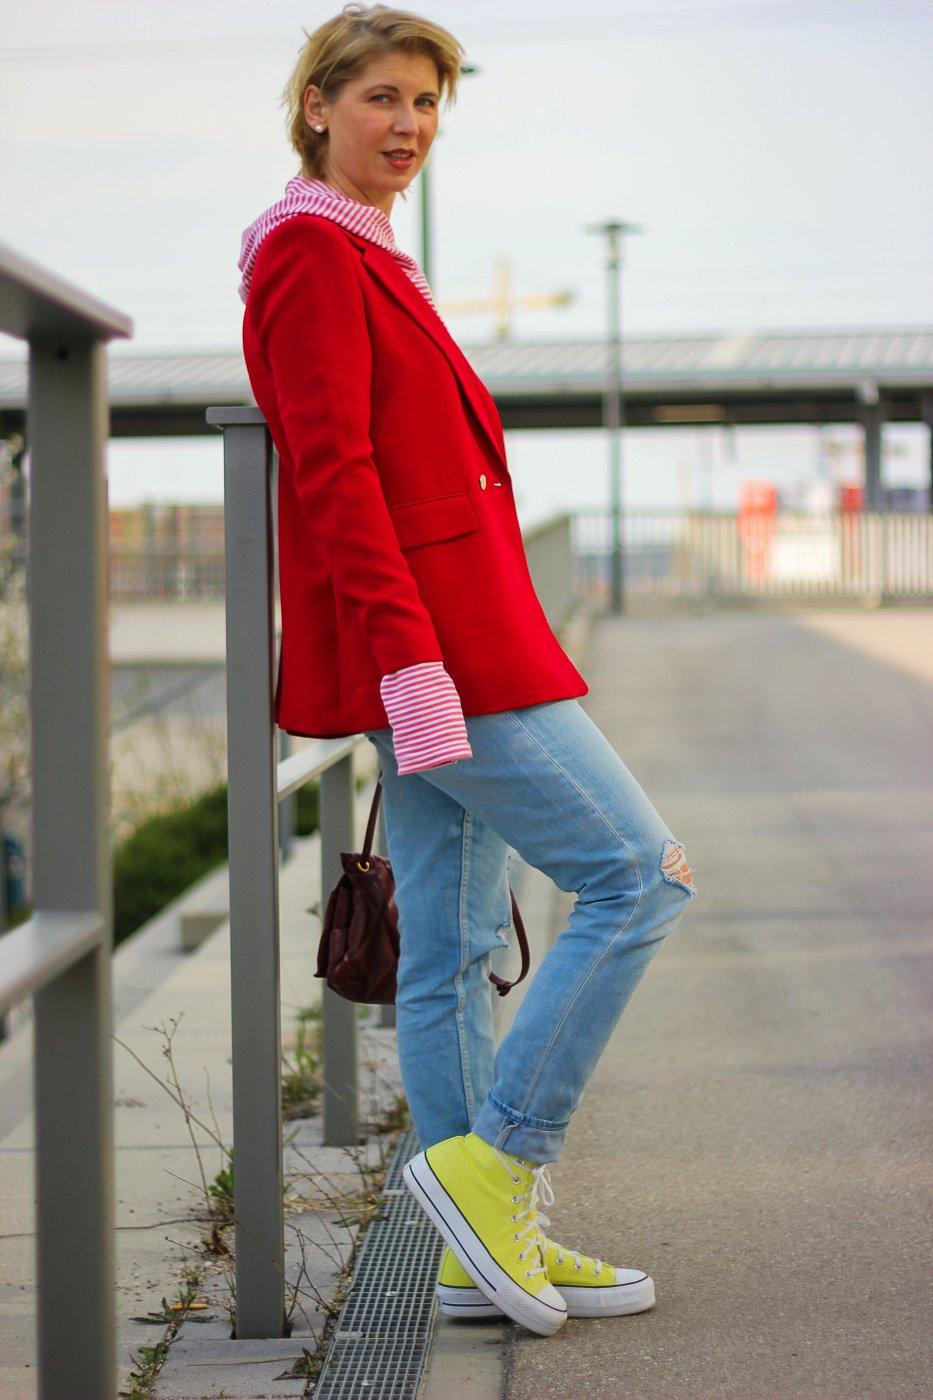 conny doll lifestyle: Fair Fashion Tipp - warum kaufen wir nicht viel nachhaltiger ein?